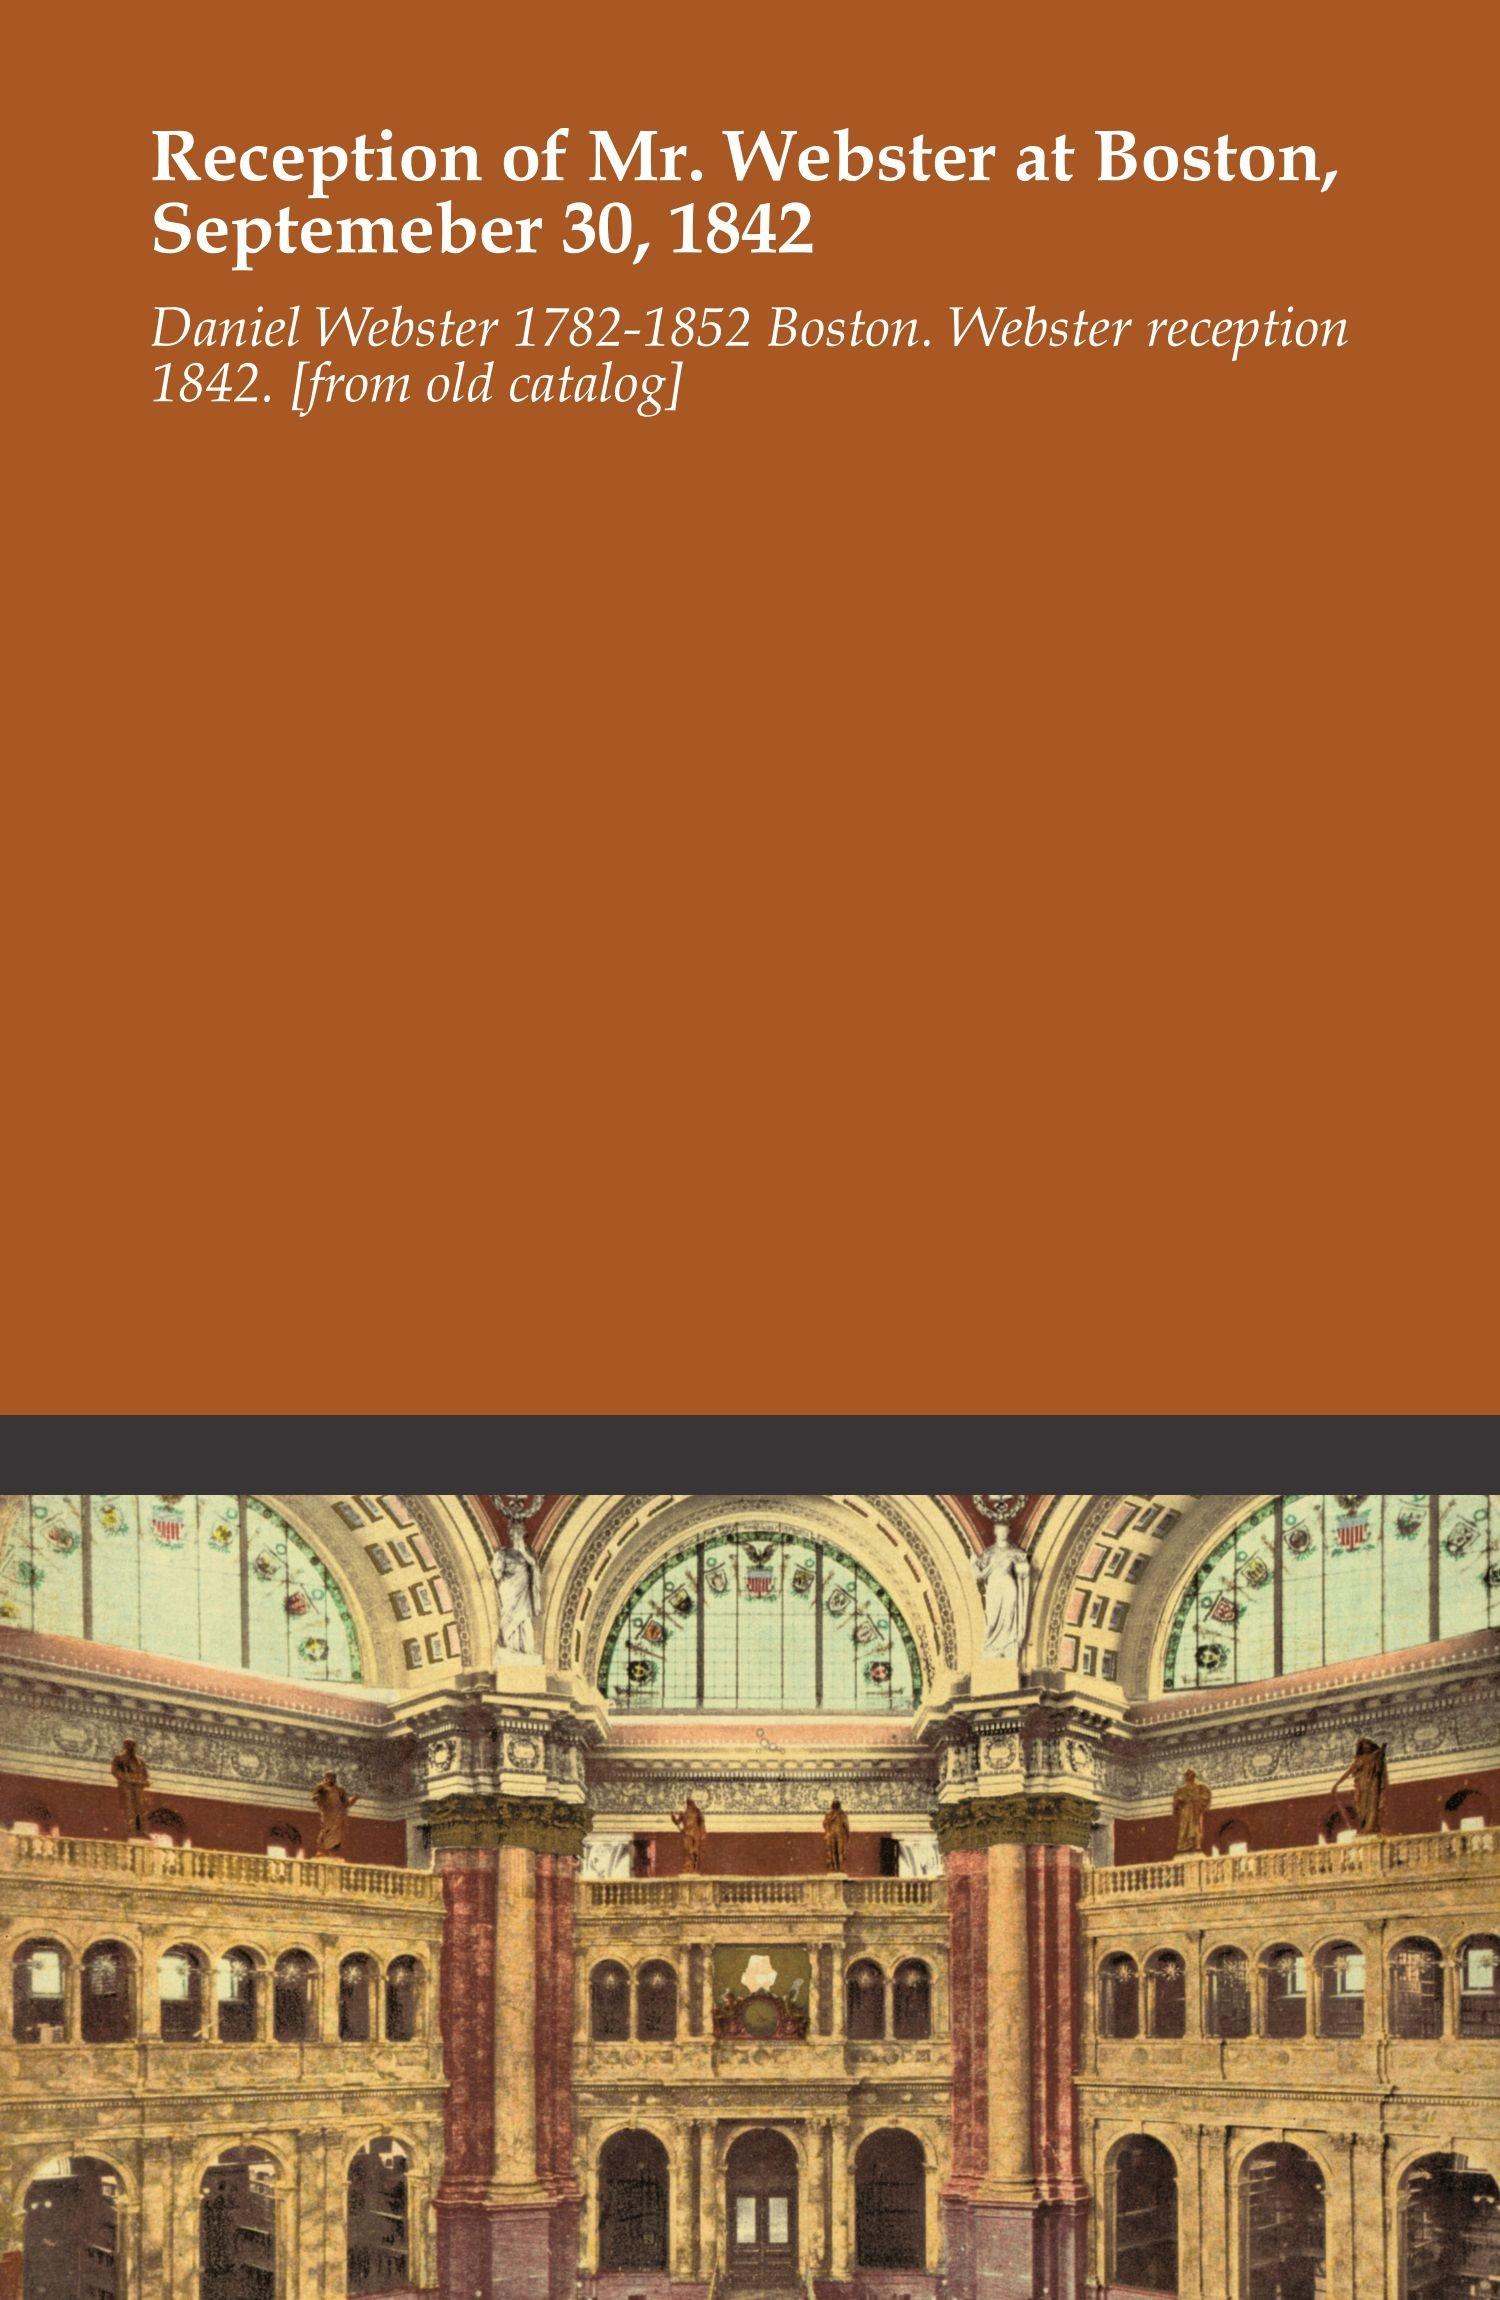 Download Reception of Mr. Webster at Boston, Septemeber 30, 1842 ebook